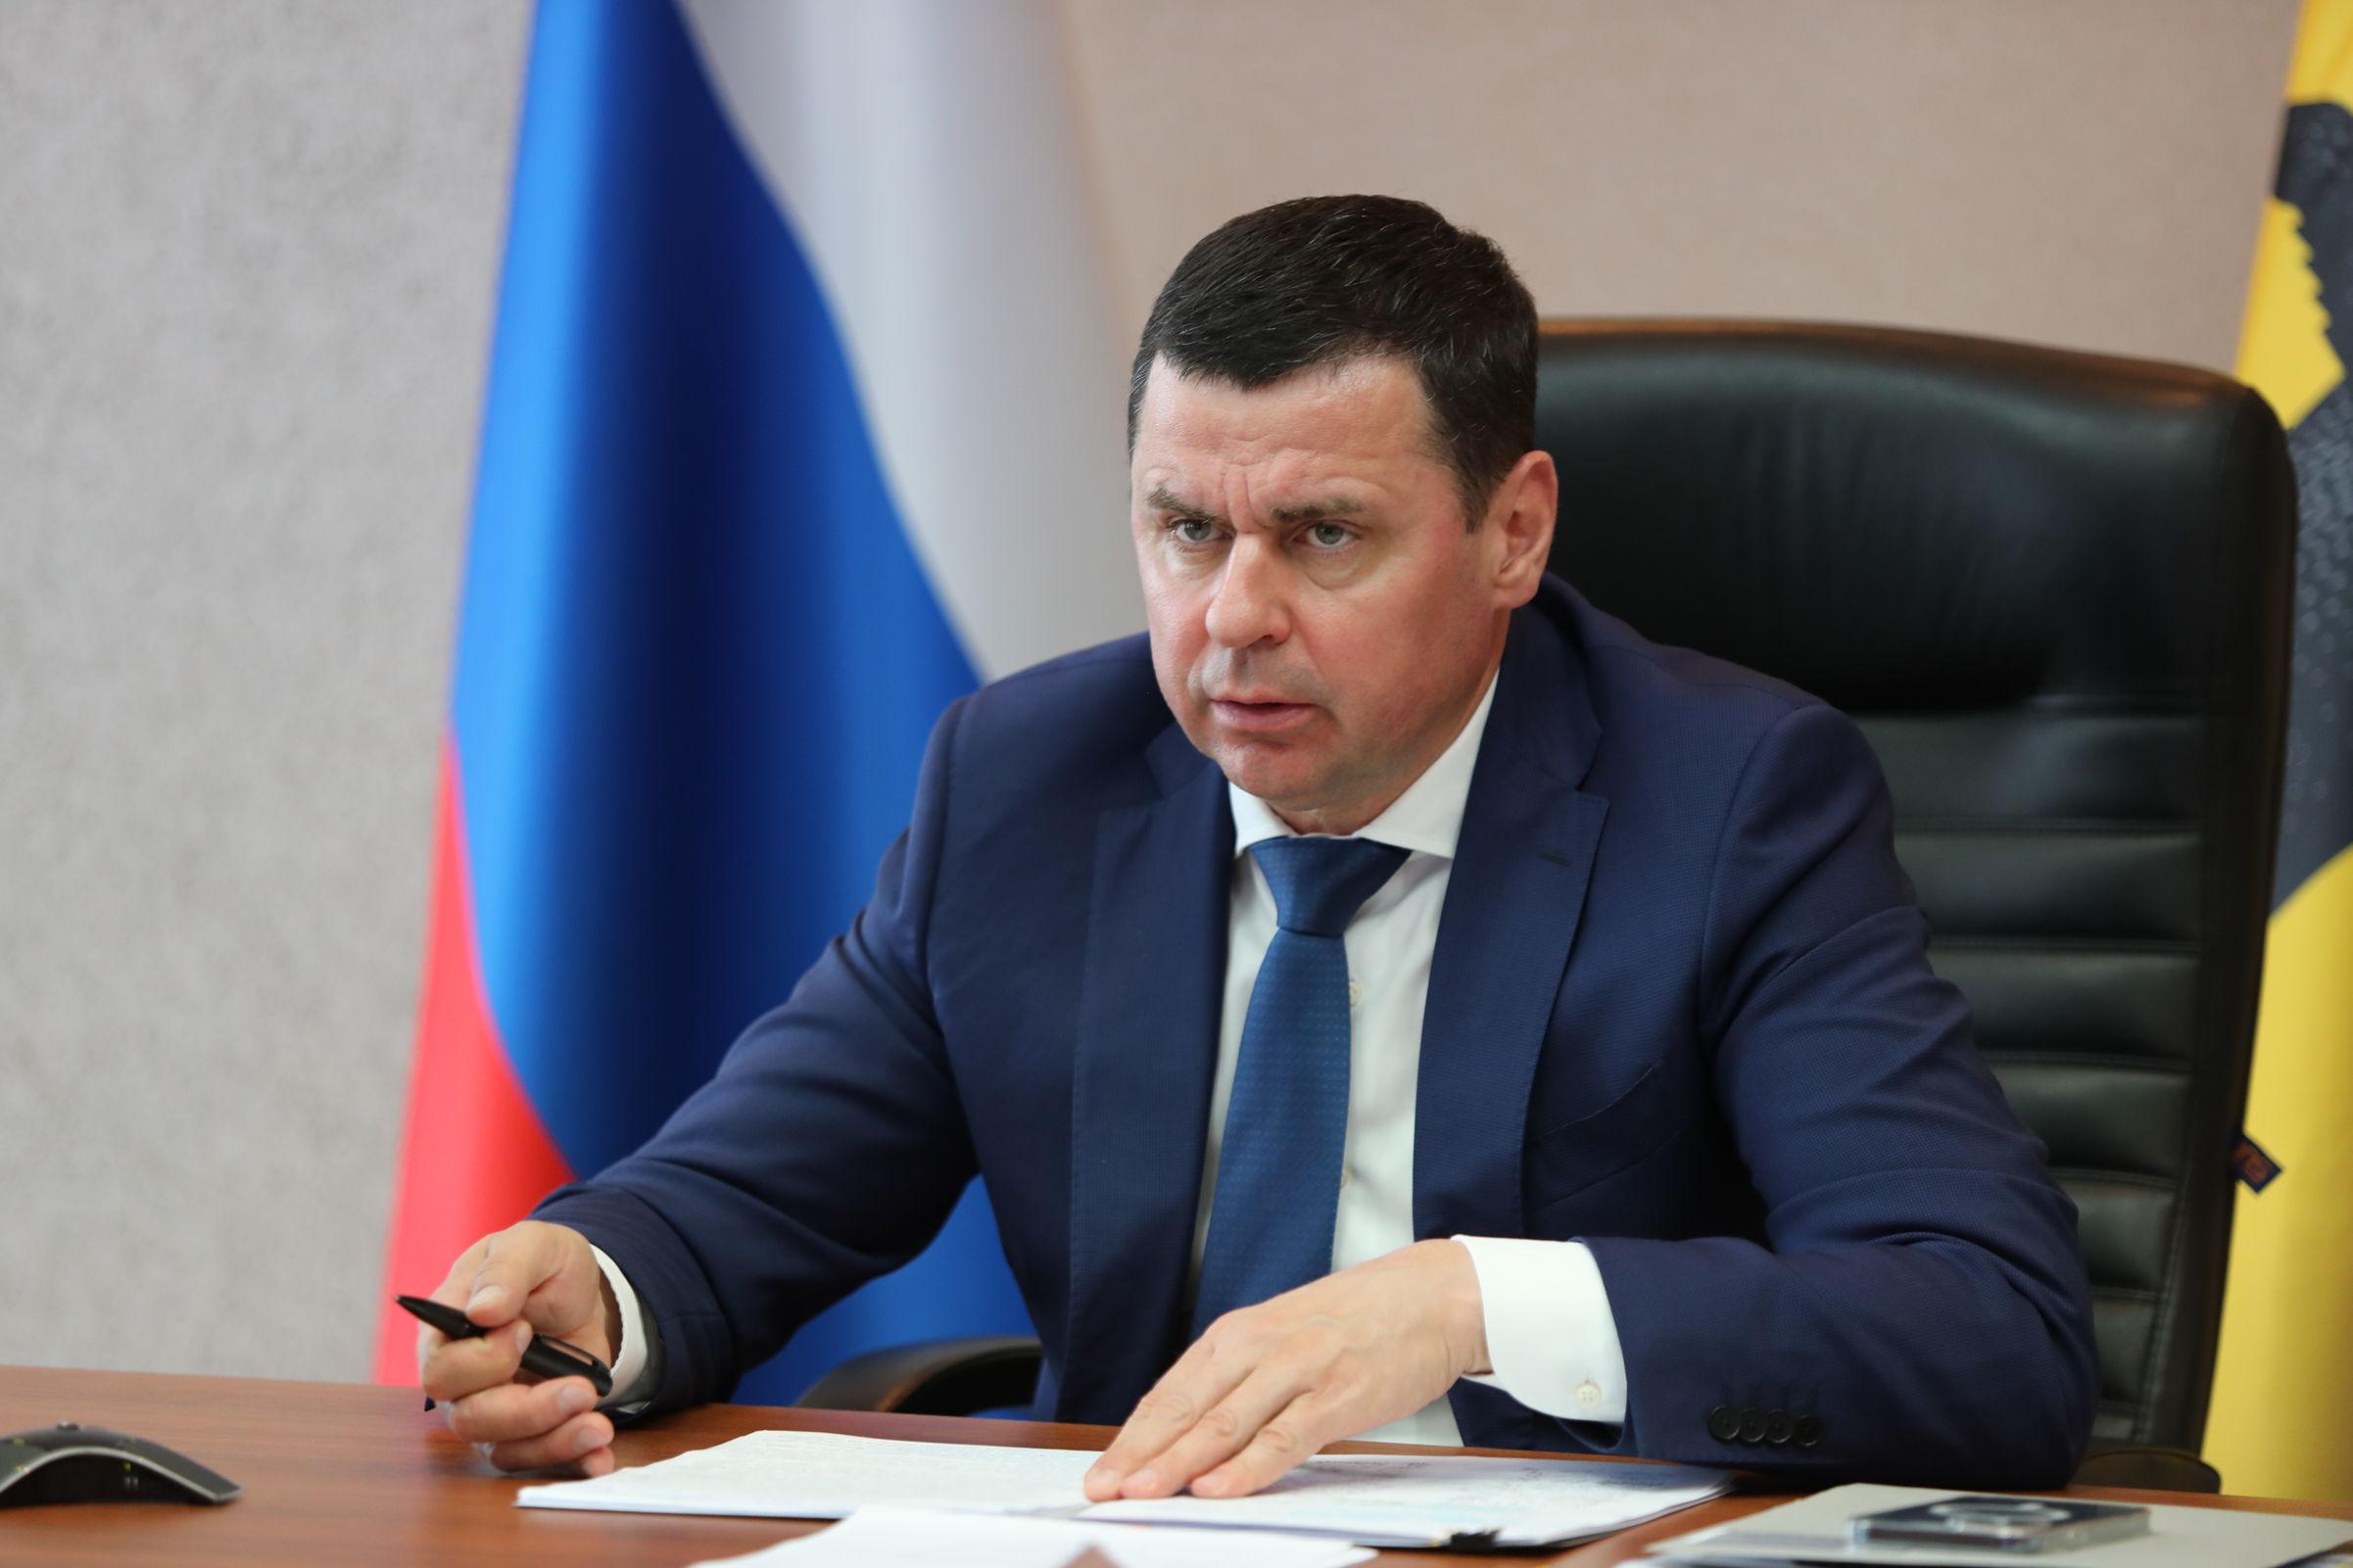 Дмитрий Миронов: работа по расселению ветхого жилья в регионе идет опережающими темпами